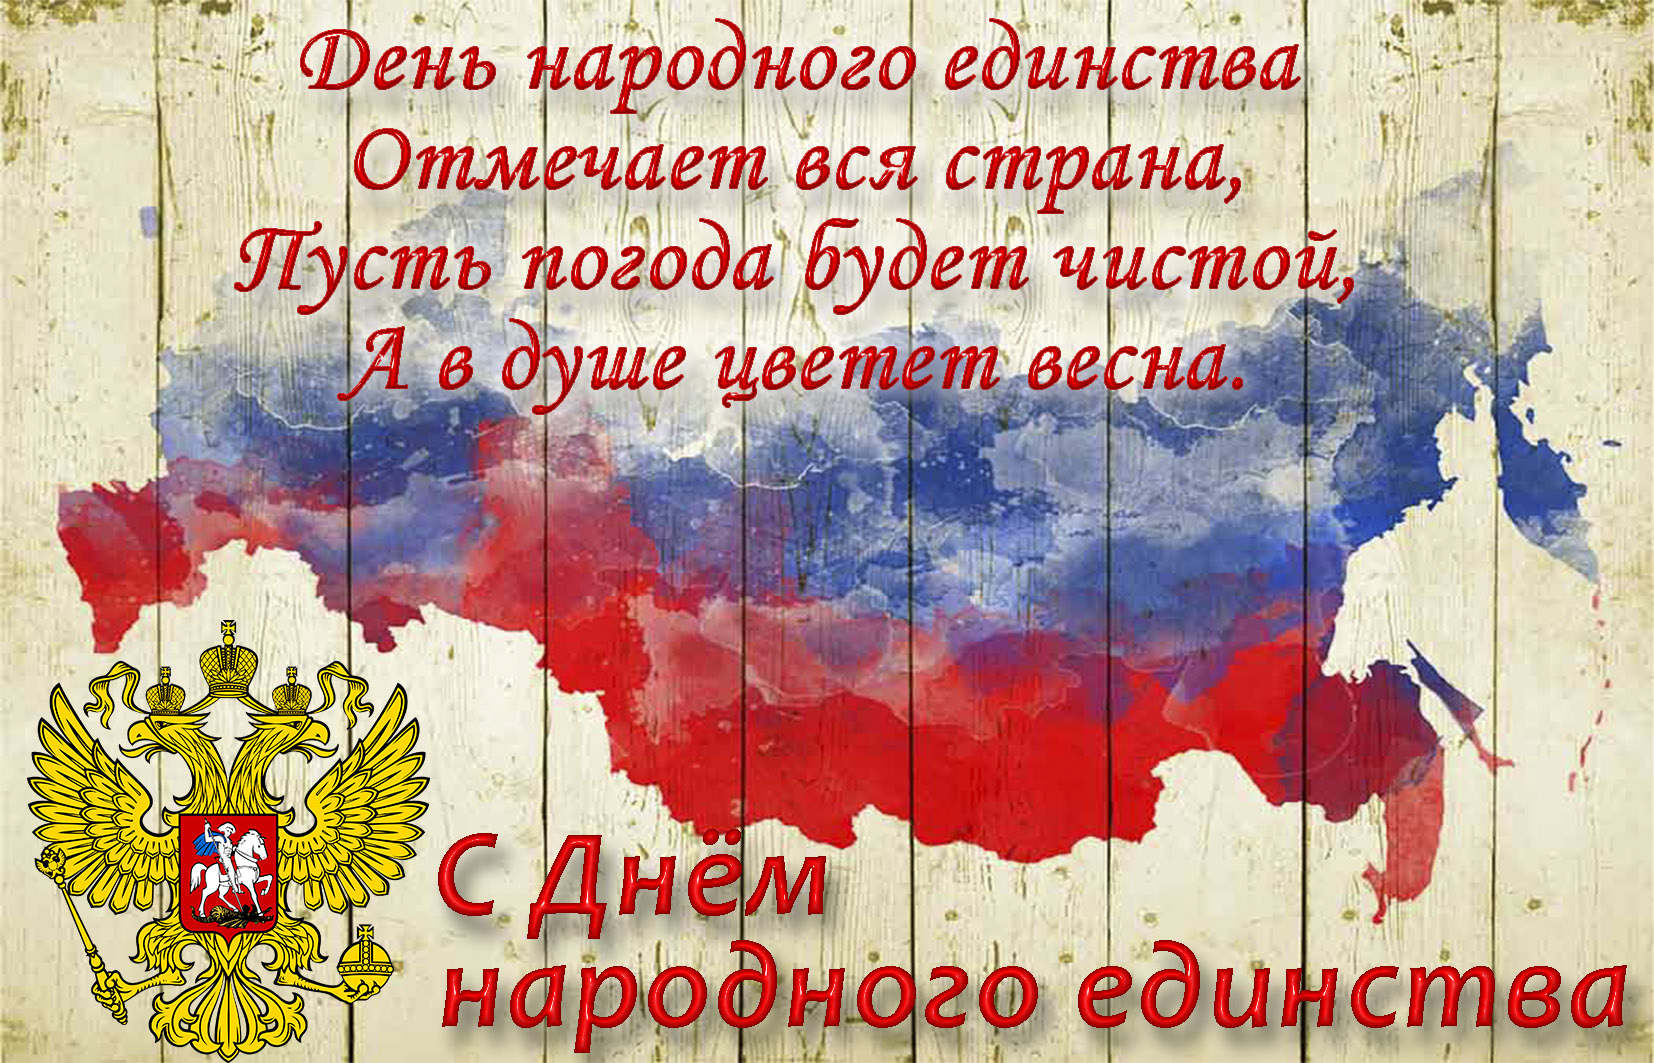 Поздравление с днем народного единства открытка с текстом, открытка марта текст